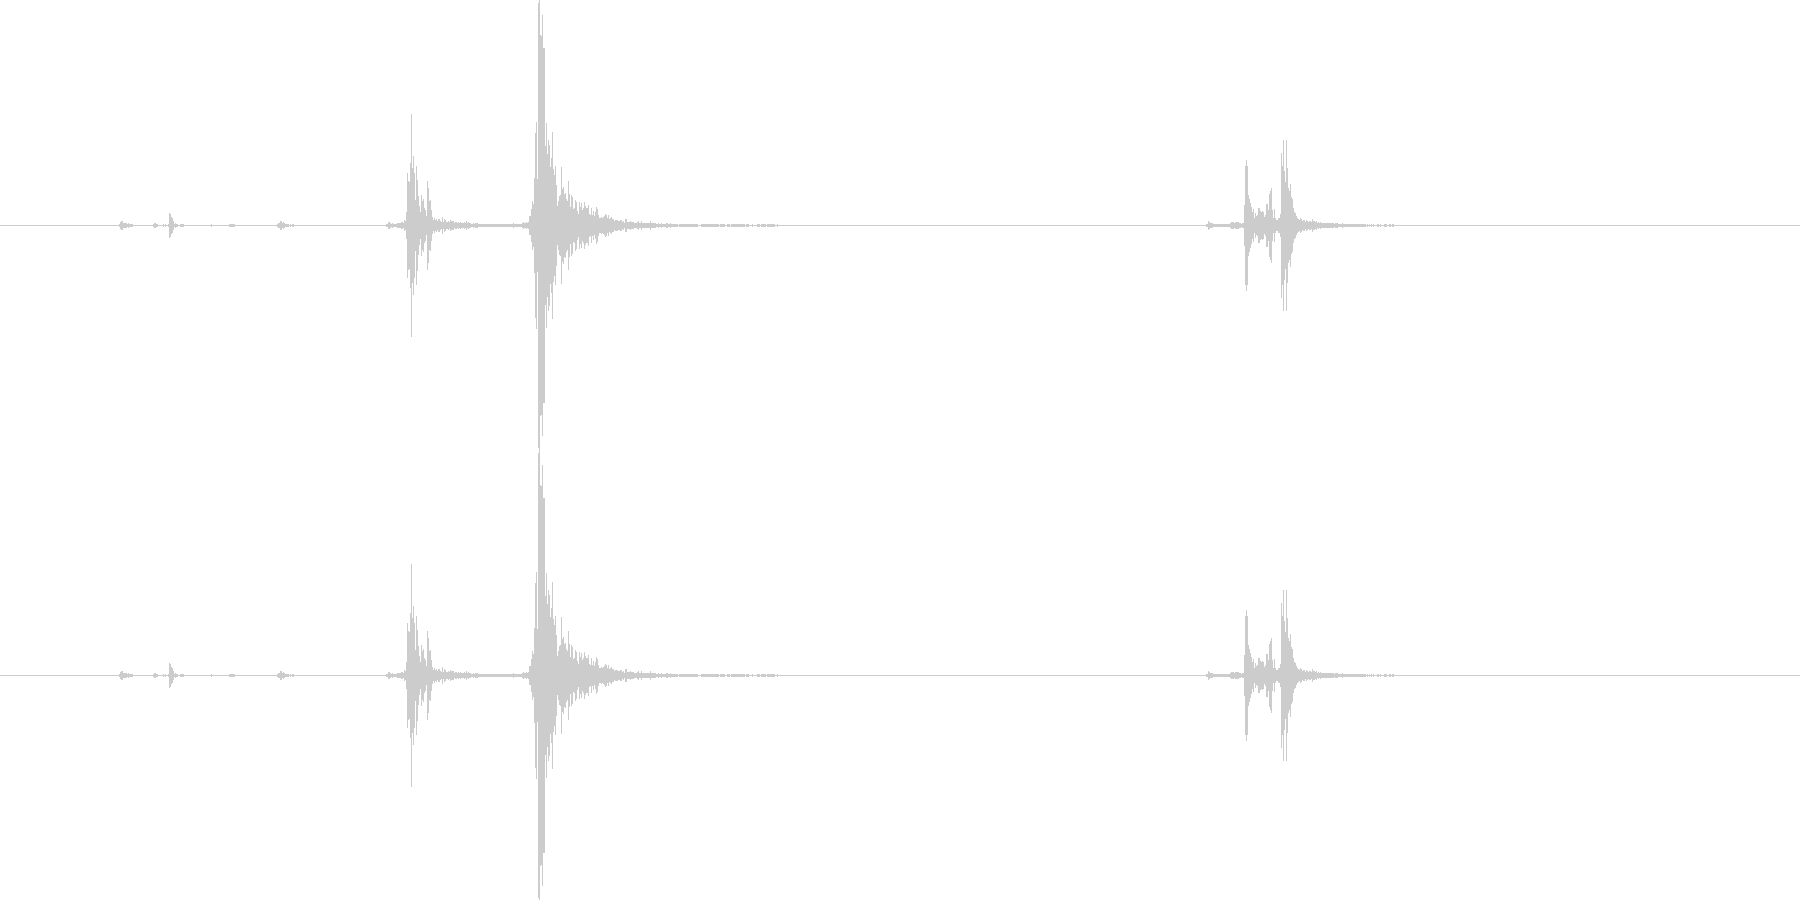 パッチン(ステープラー、ホッチキス音)Cの未再生の波形